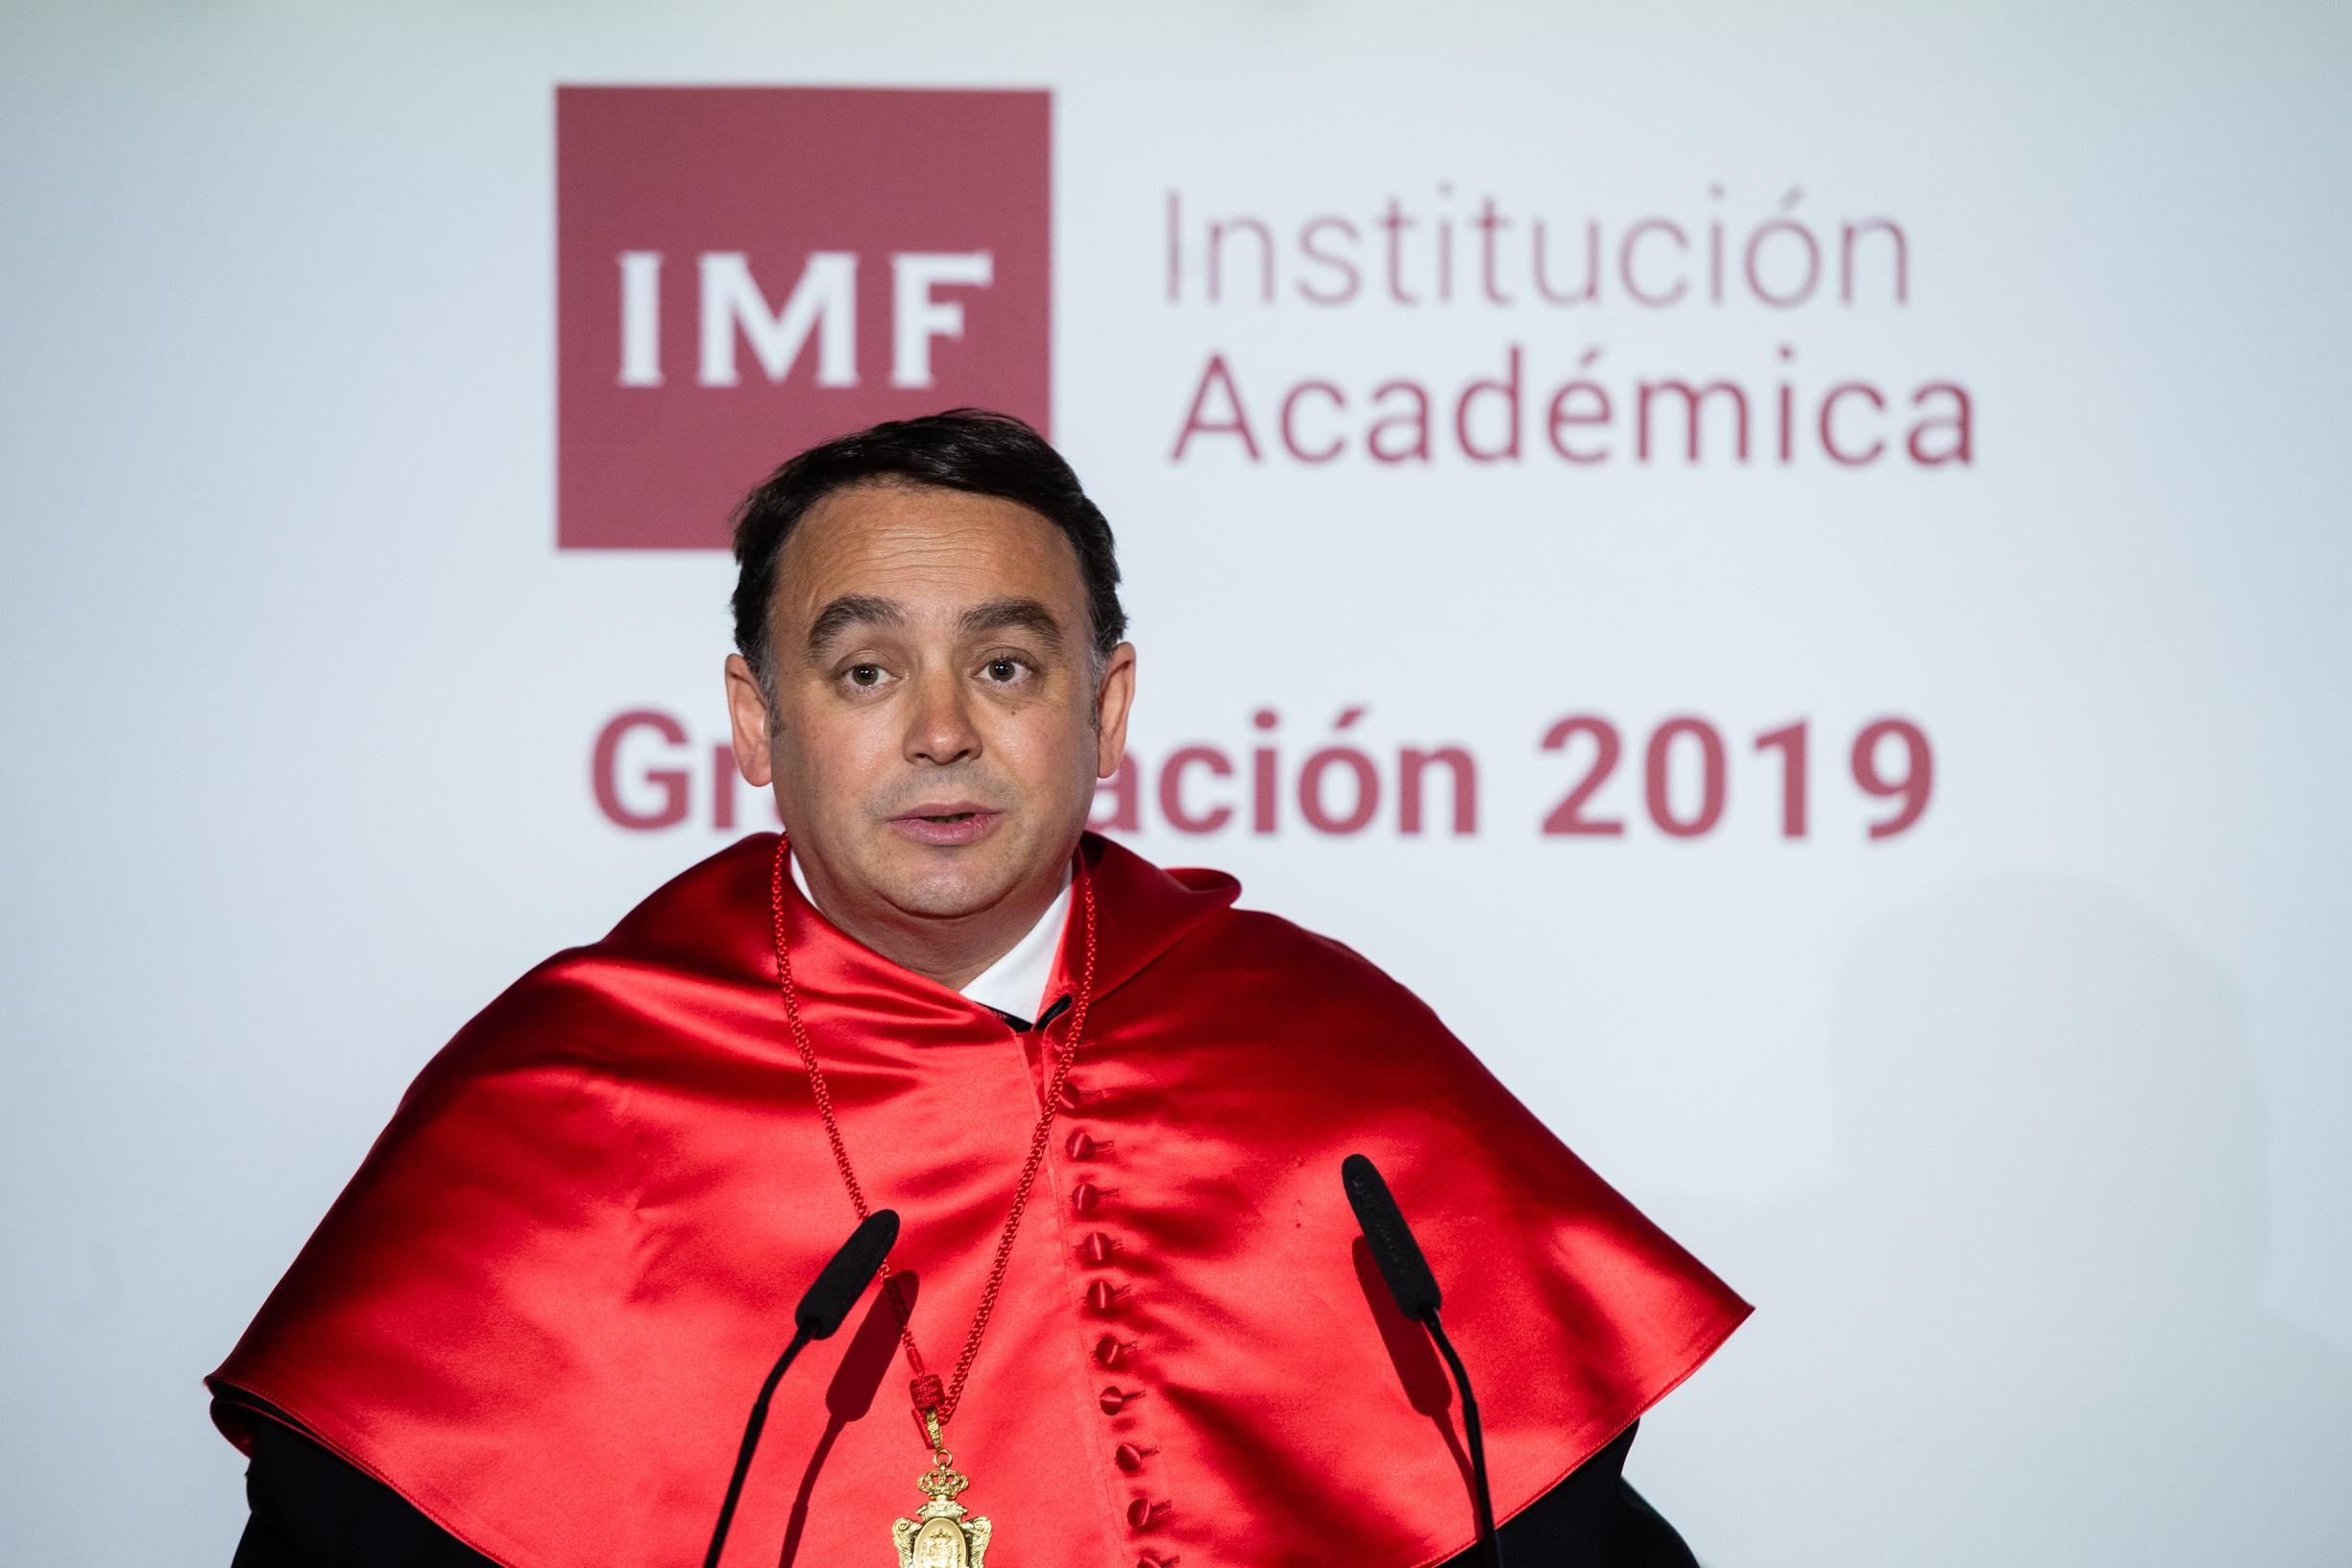 carlos-martinez-graduacion-imf-1 Las 10 mejores frases de Carlos Martínez en la Graduación IMF 2019